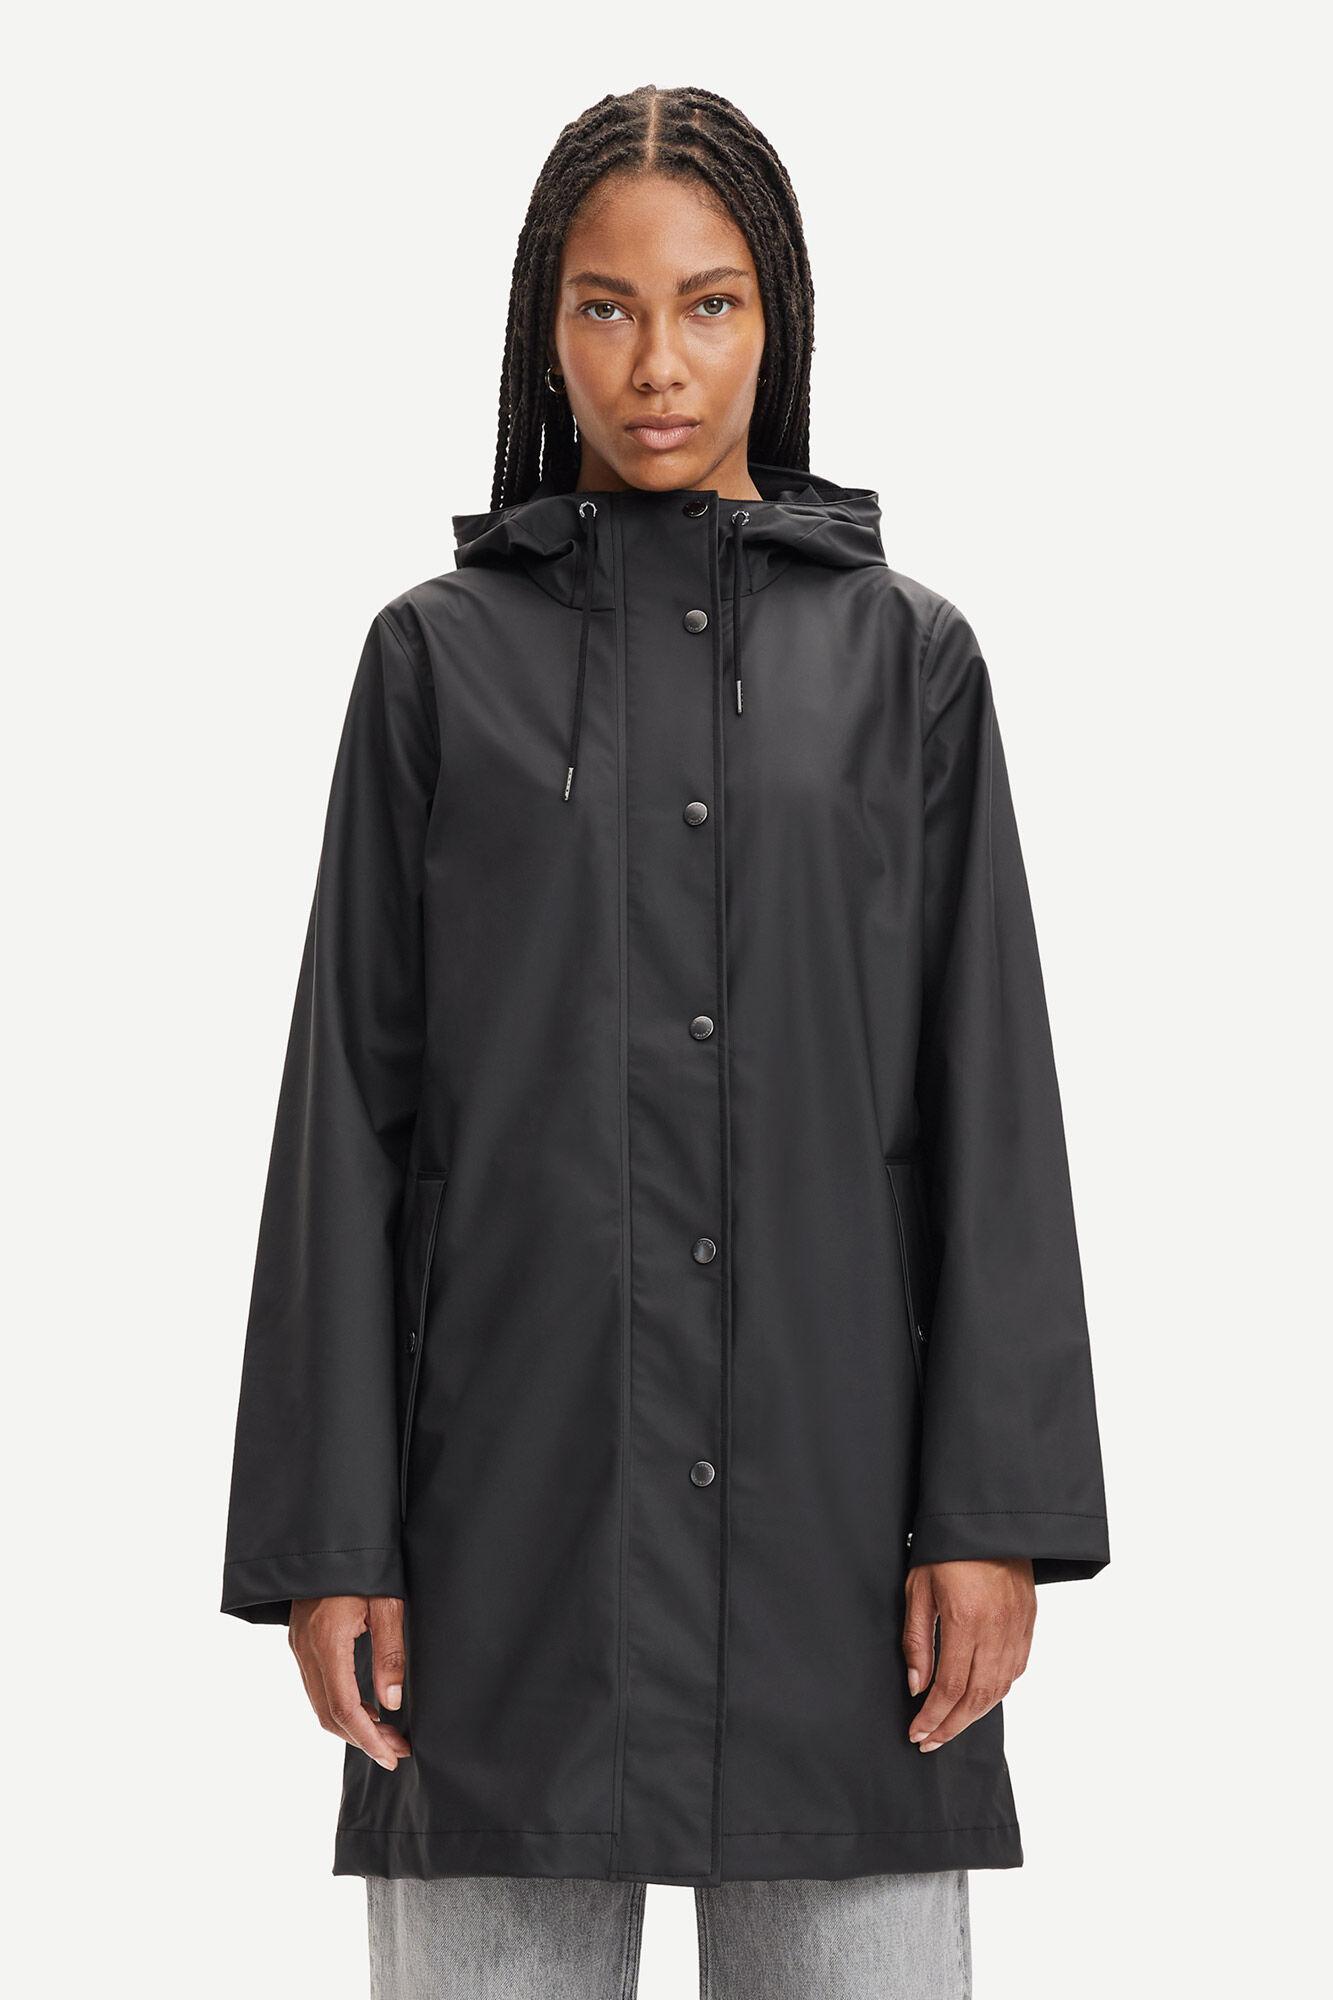 Stala jacket 7357